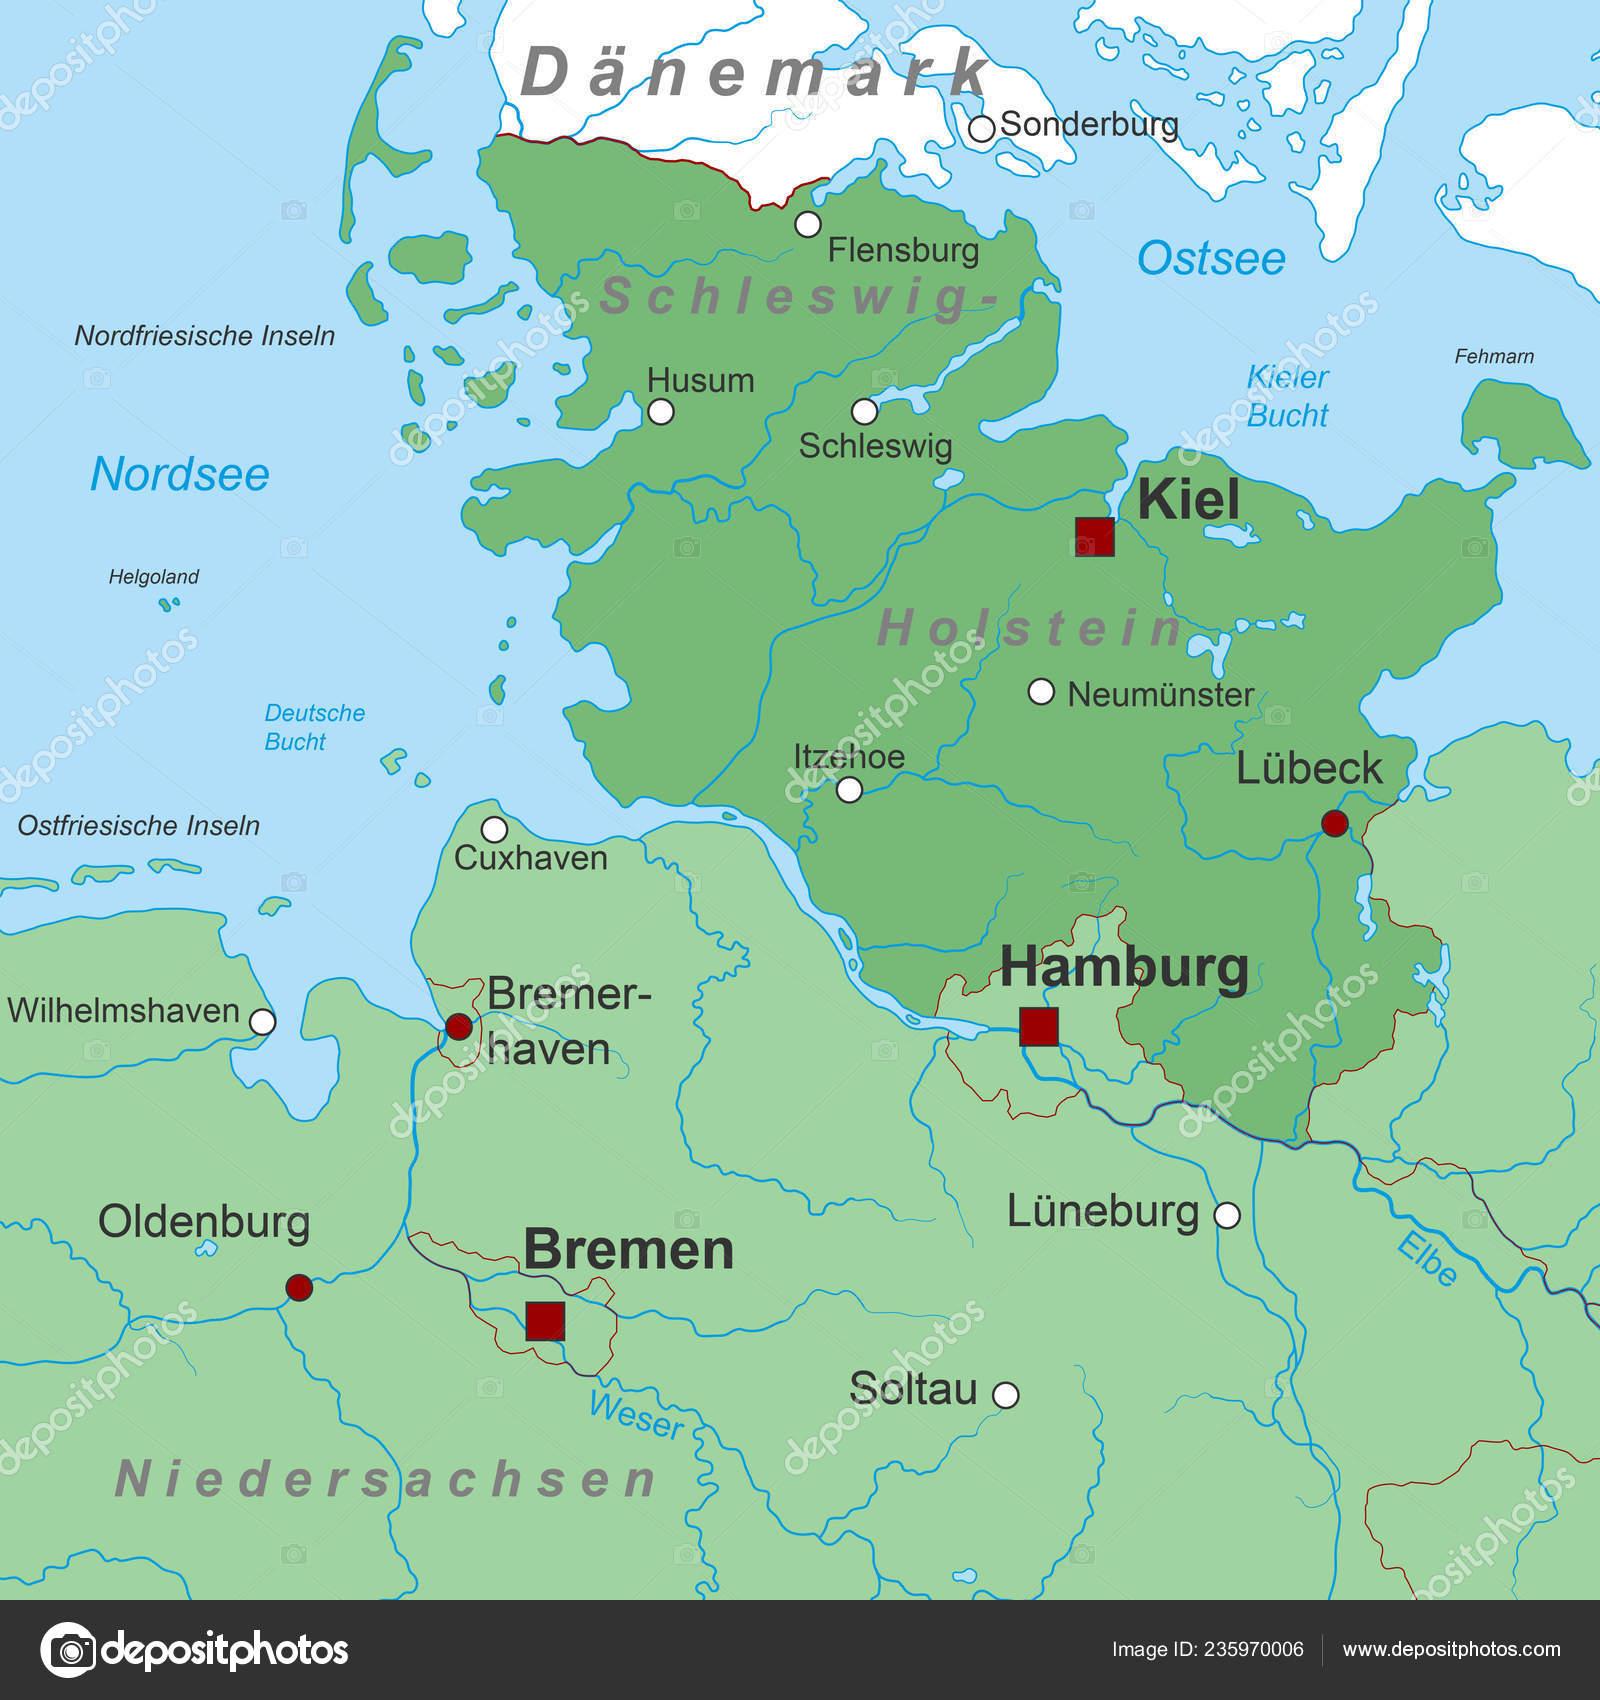 Schleswig Holstein Karte.Schleswig Holstein Karte Von Deutschland Hoch Detailliert